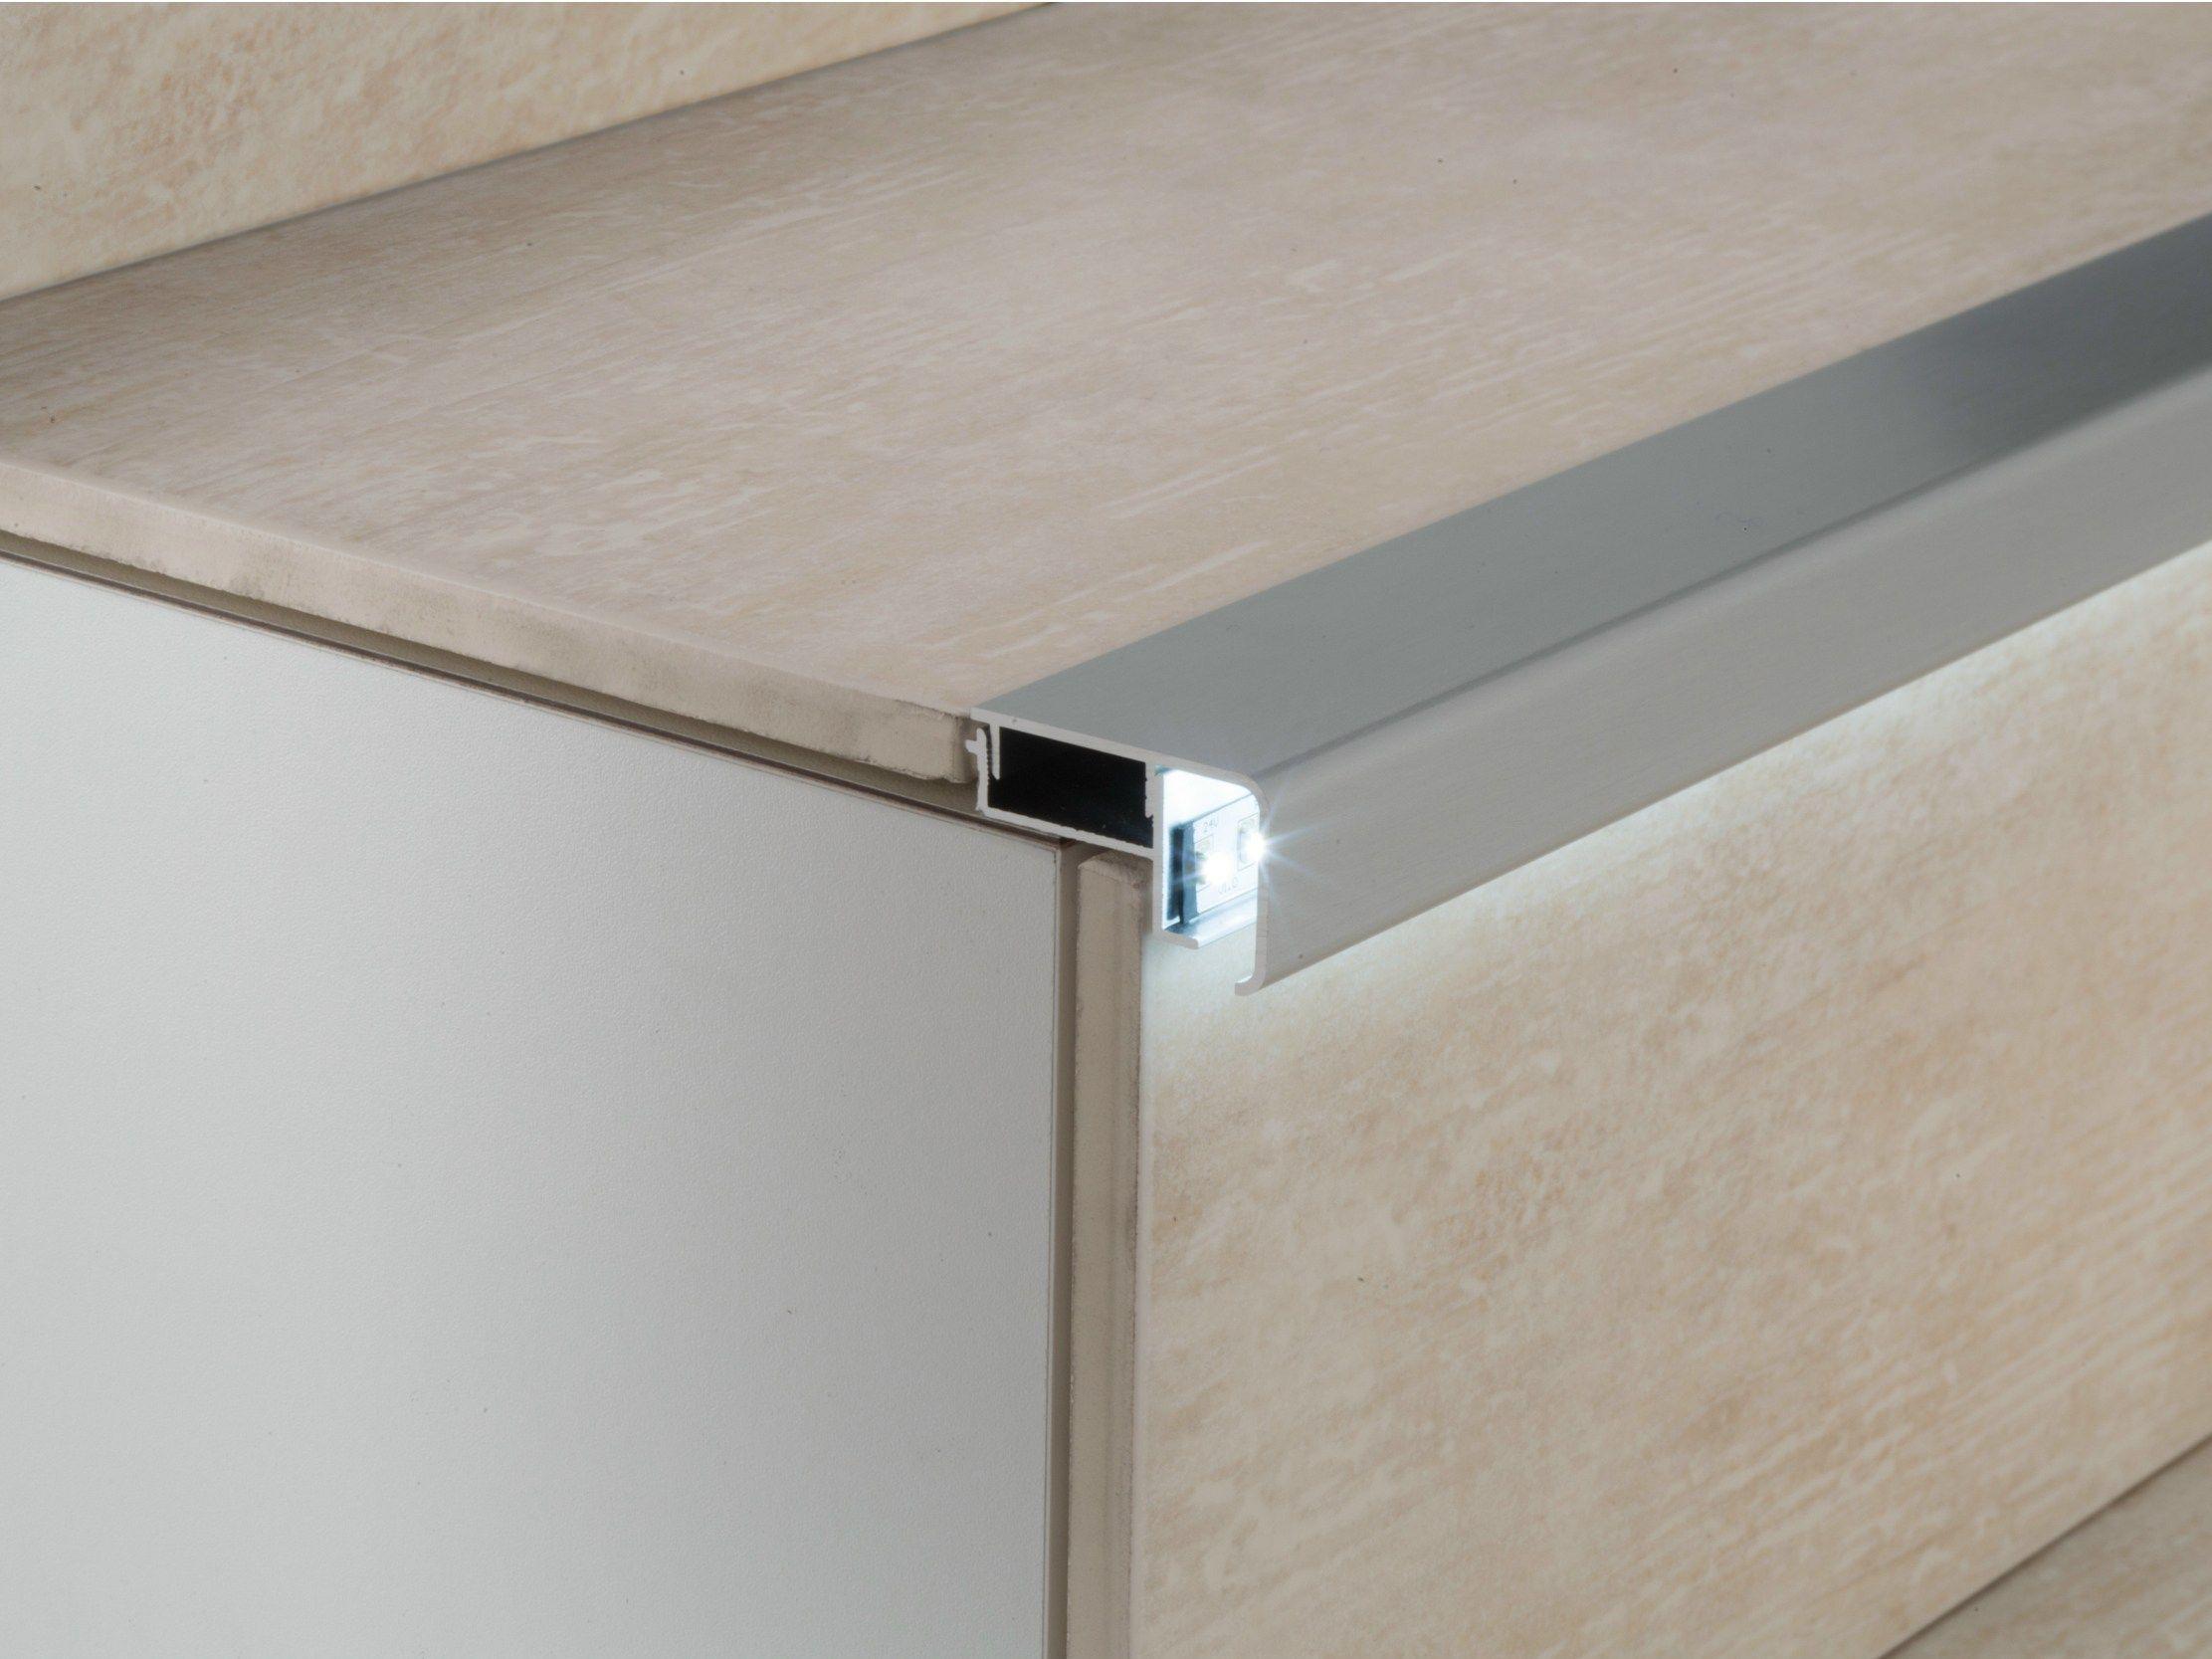 Perfiles Esquineros De Aluminio Con Led Prolight Prostep G 8 Led Coleccion Prolight By Profilpa Eclairage Escalier Deco Escalier Idees Pour La Maison